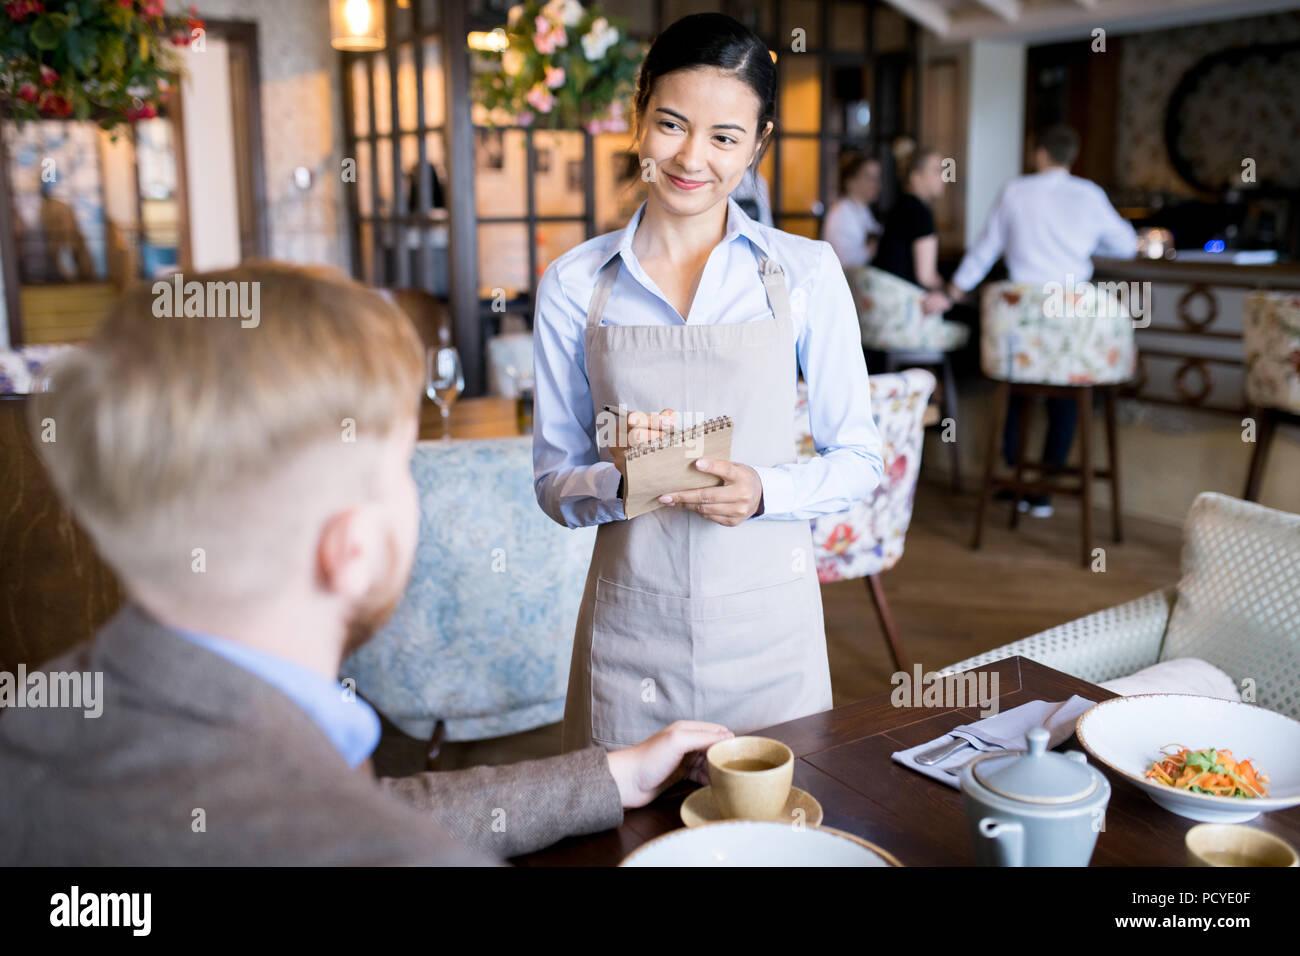 Business lunch presso il cafe Immagini Stock